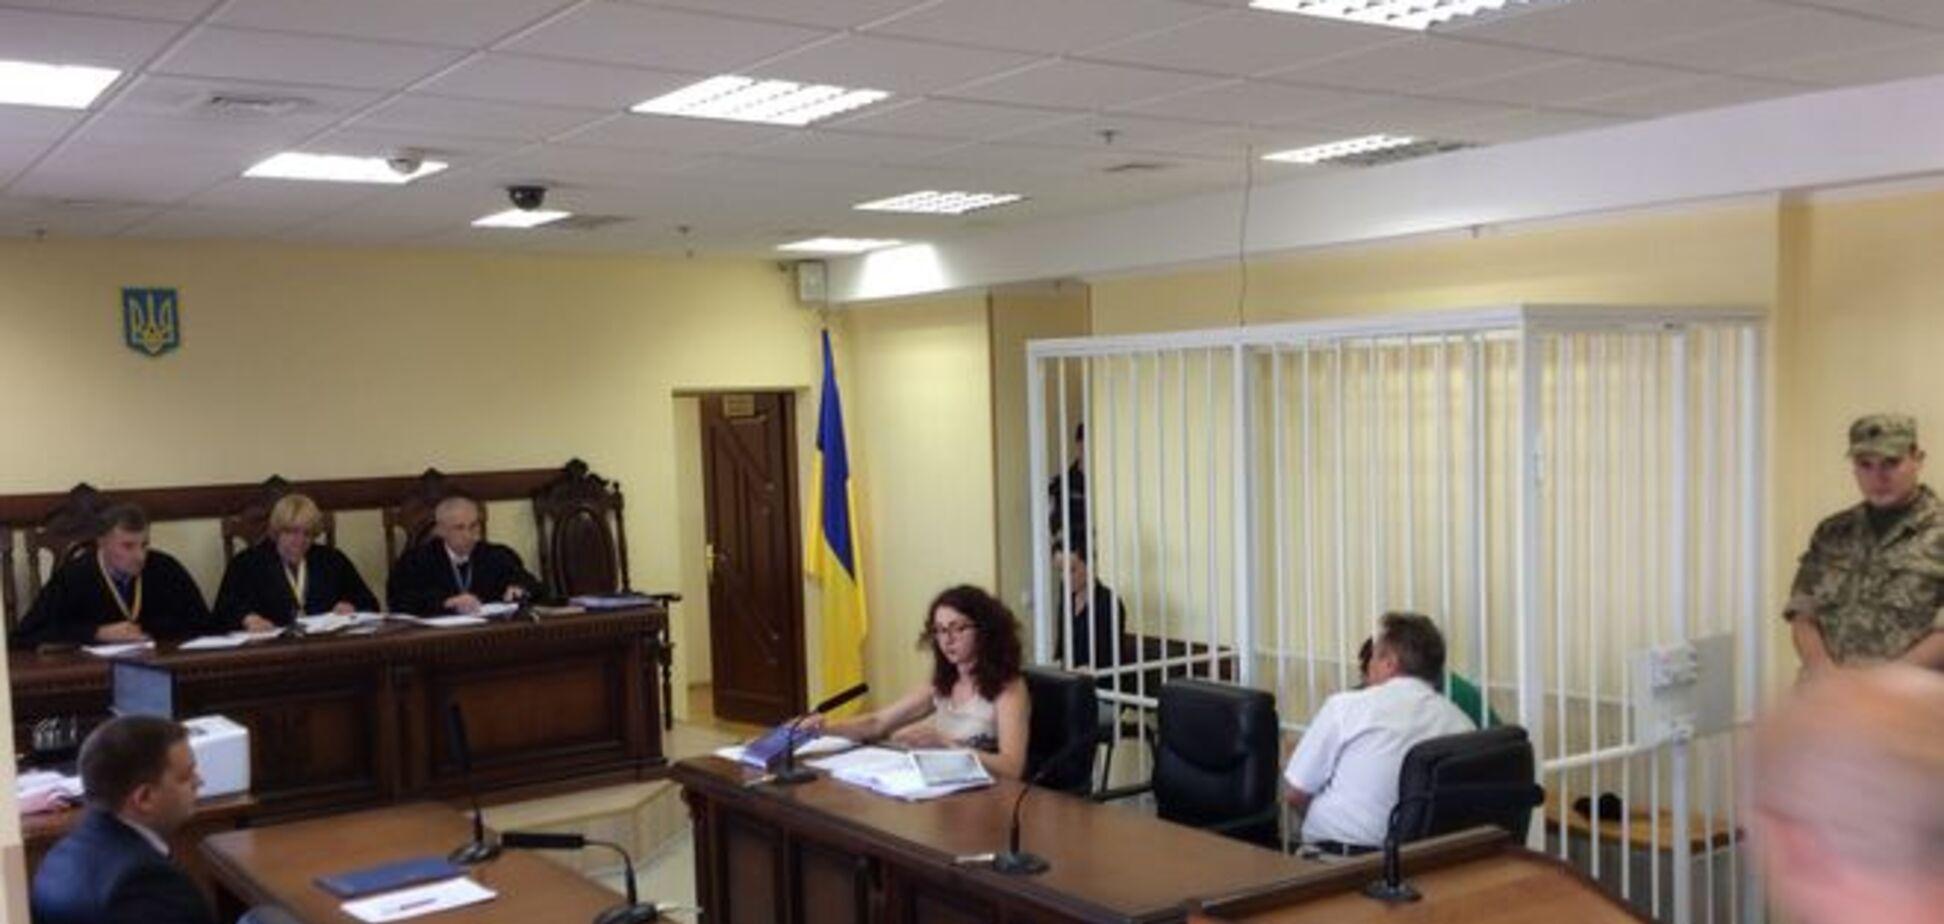 Адвокат российского ГРУшника сделал в суде сенсационное заявление о 'сделке' с СБУ